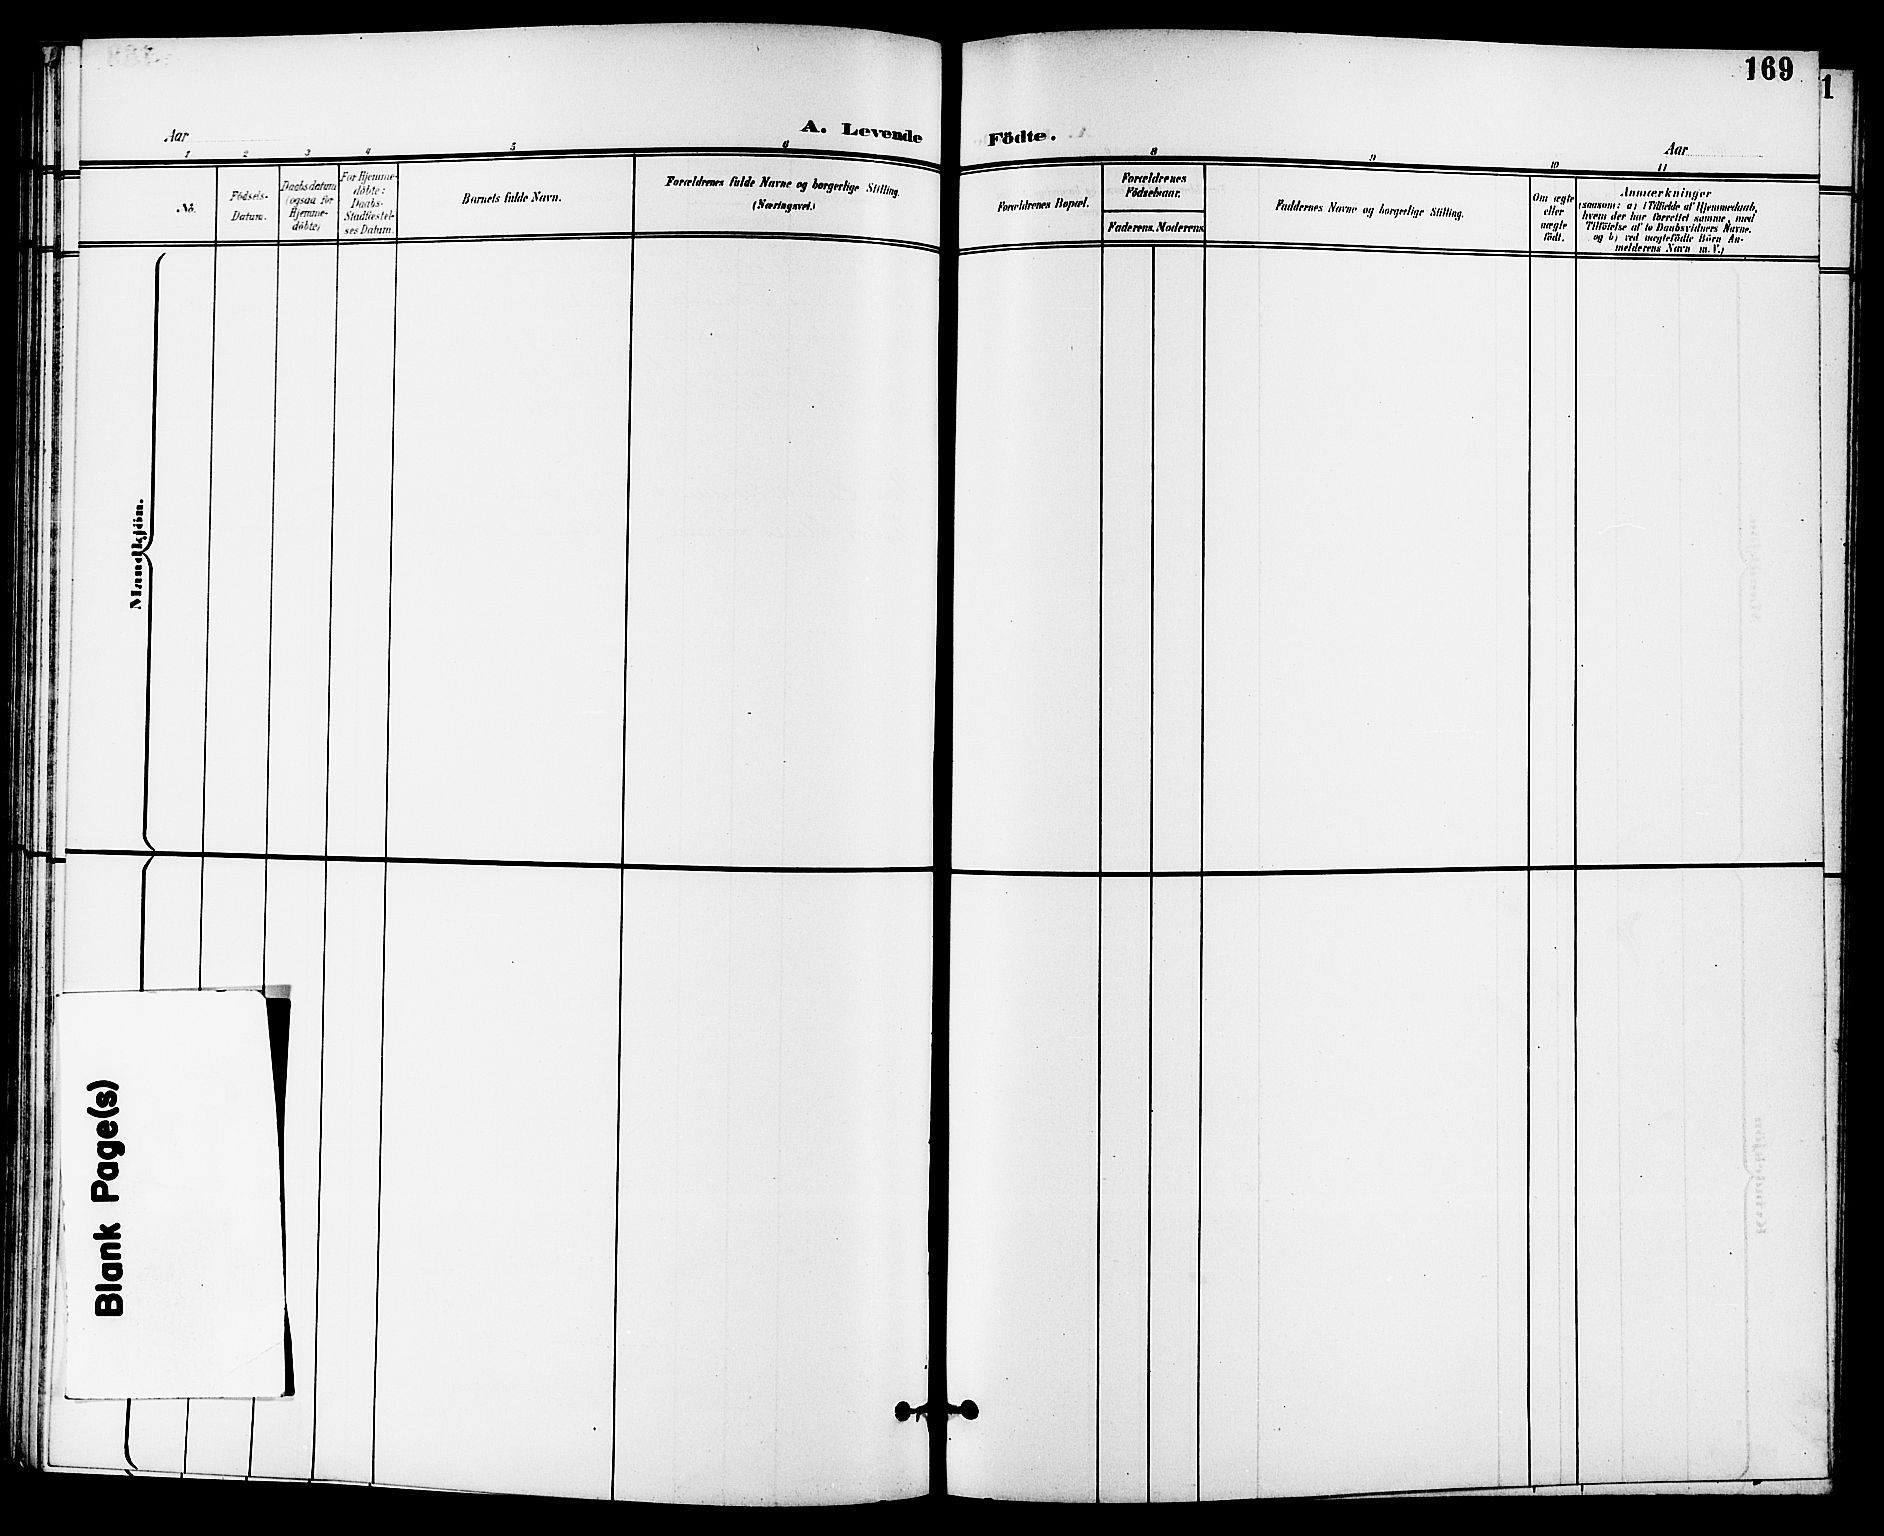 SAKO, Skien kirkebøker, G/Ga/L0008: Klokkerbok nr. 8, 1900-1910, s. 169